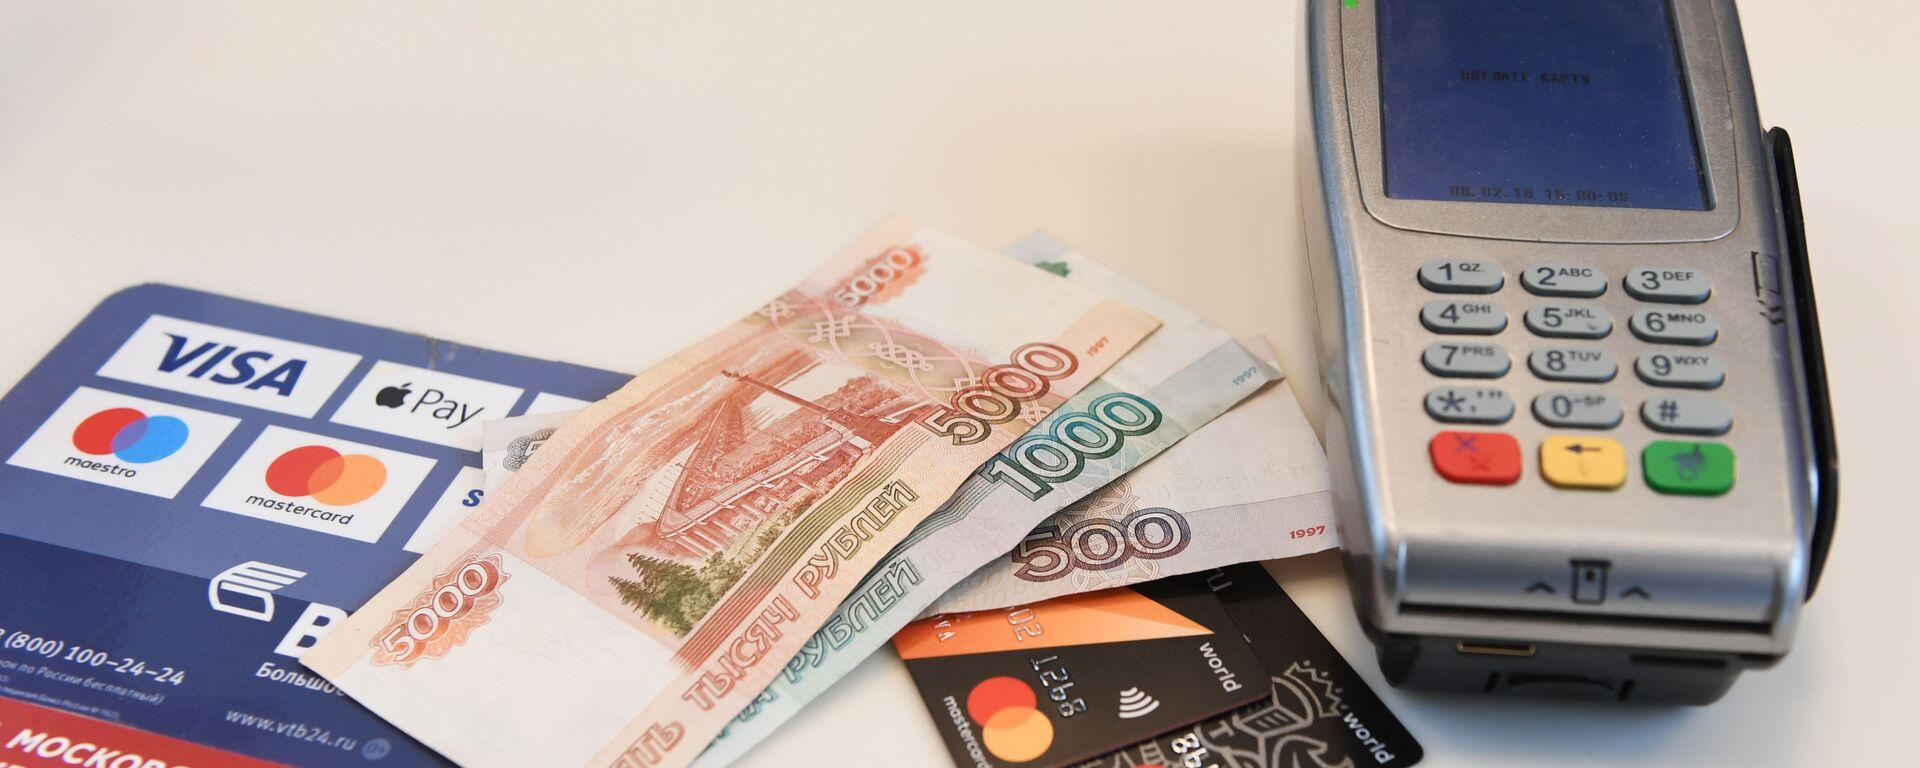 Терминал оплаты банковскими картами и денежные купюры - Sputnik Таджикистан, 1920, 18.06.2021